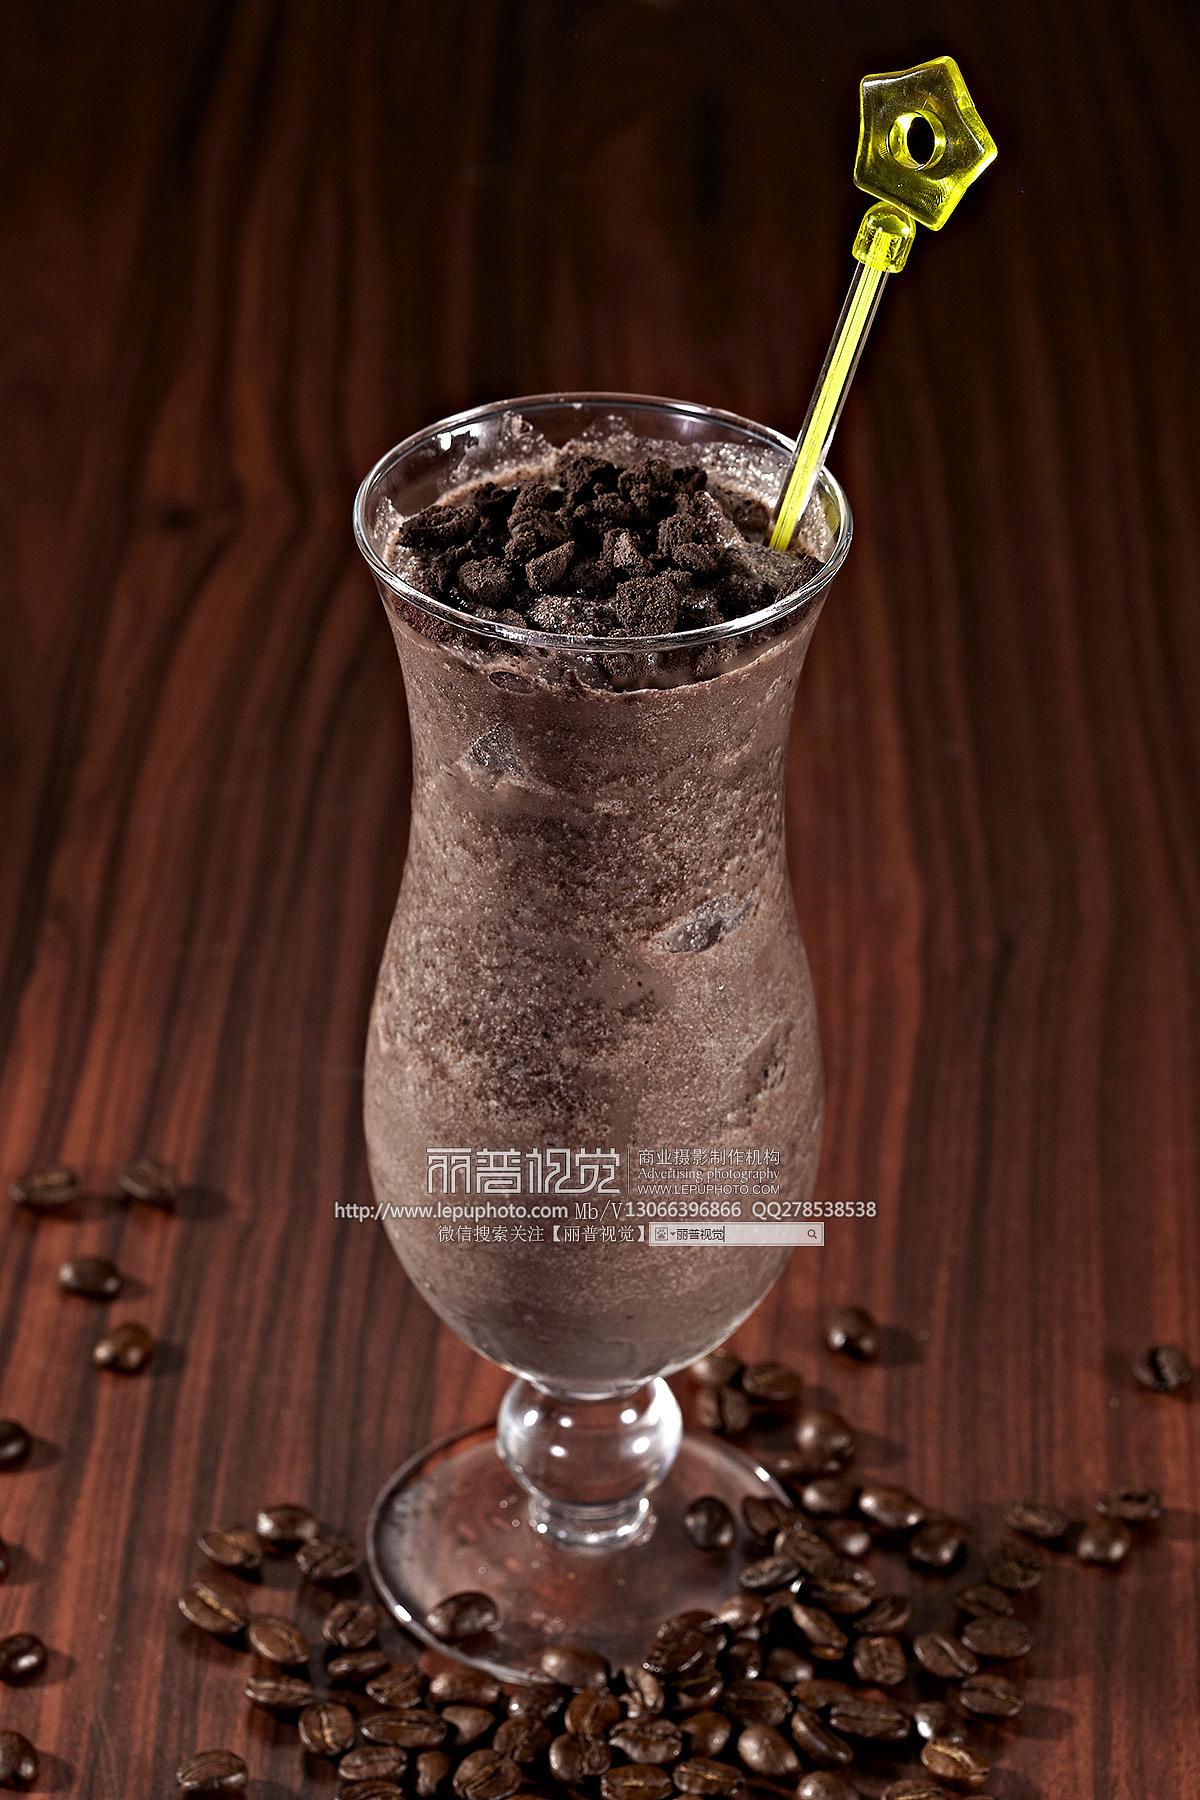 菜谱 设计_美食饮品摄影图片—咖啡奶茶|摄影|产品|丽普视觉 - 原创作品 ...